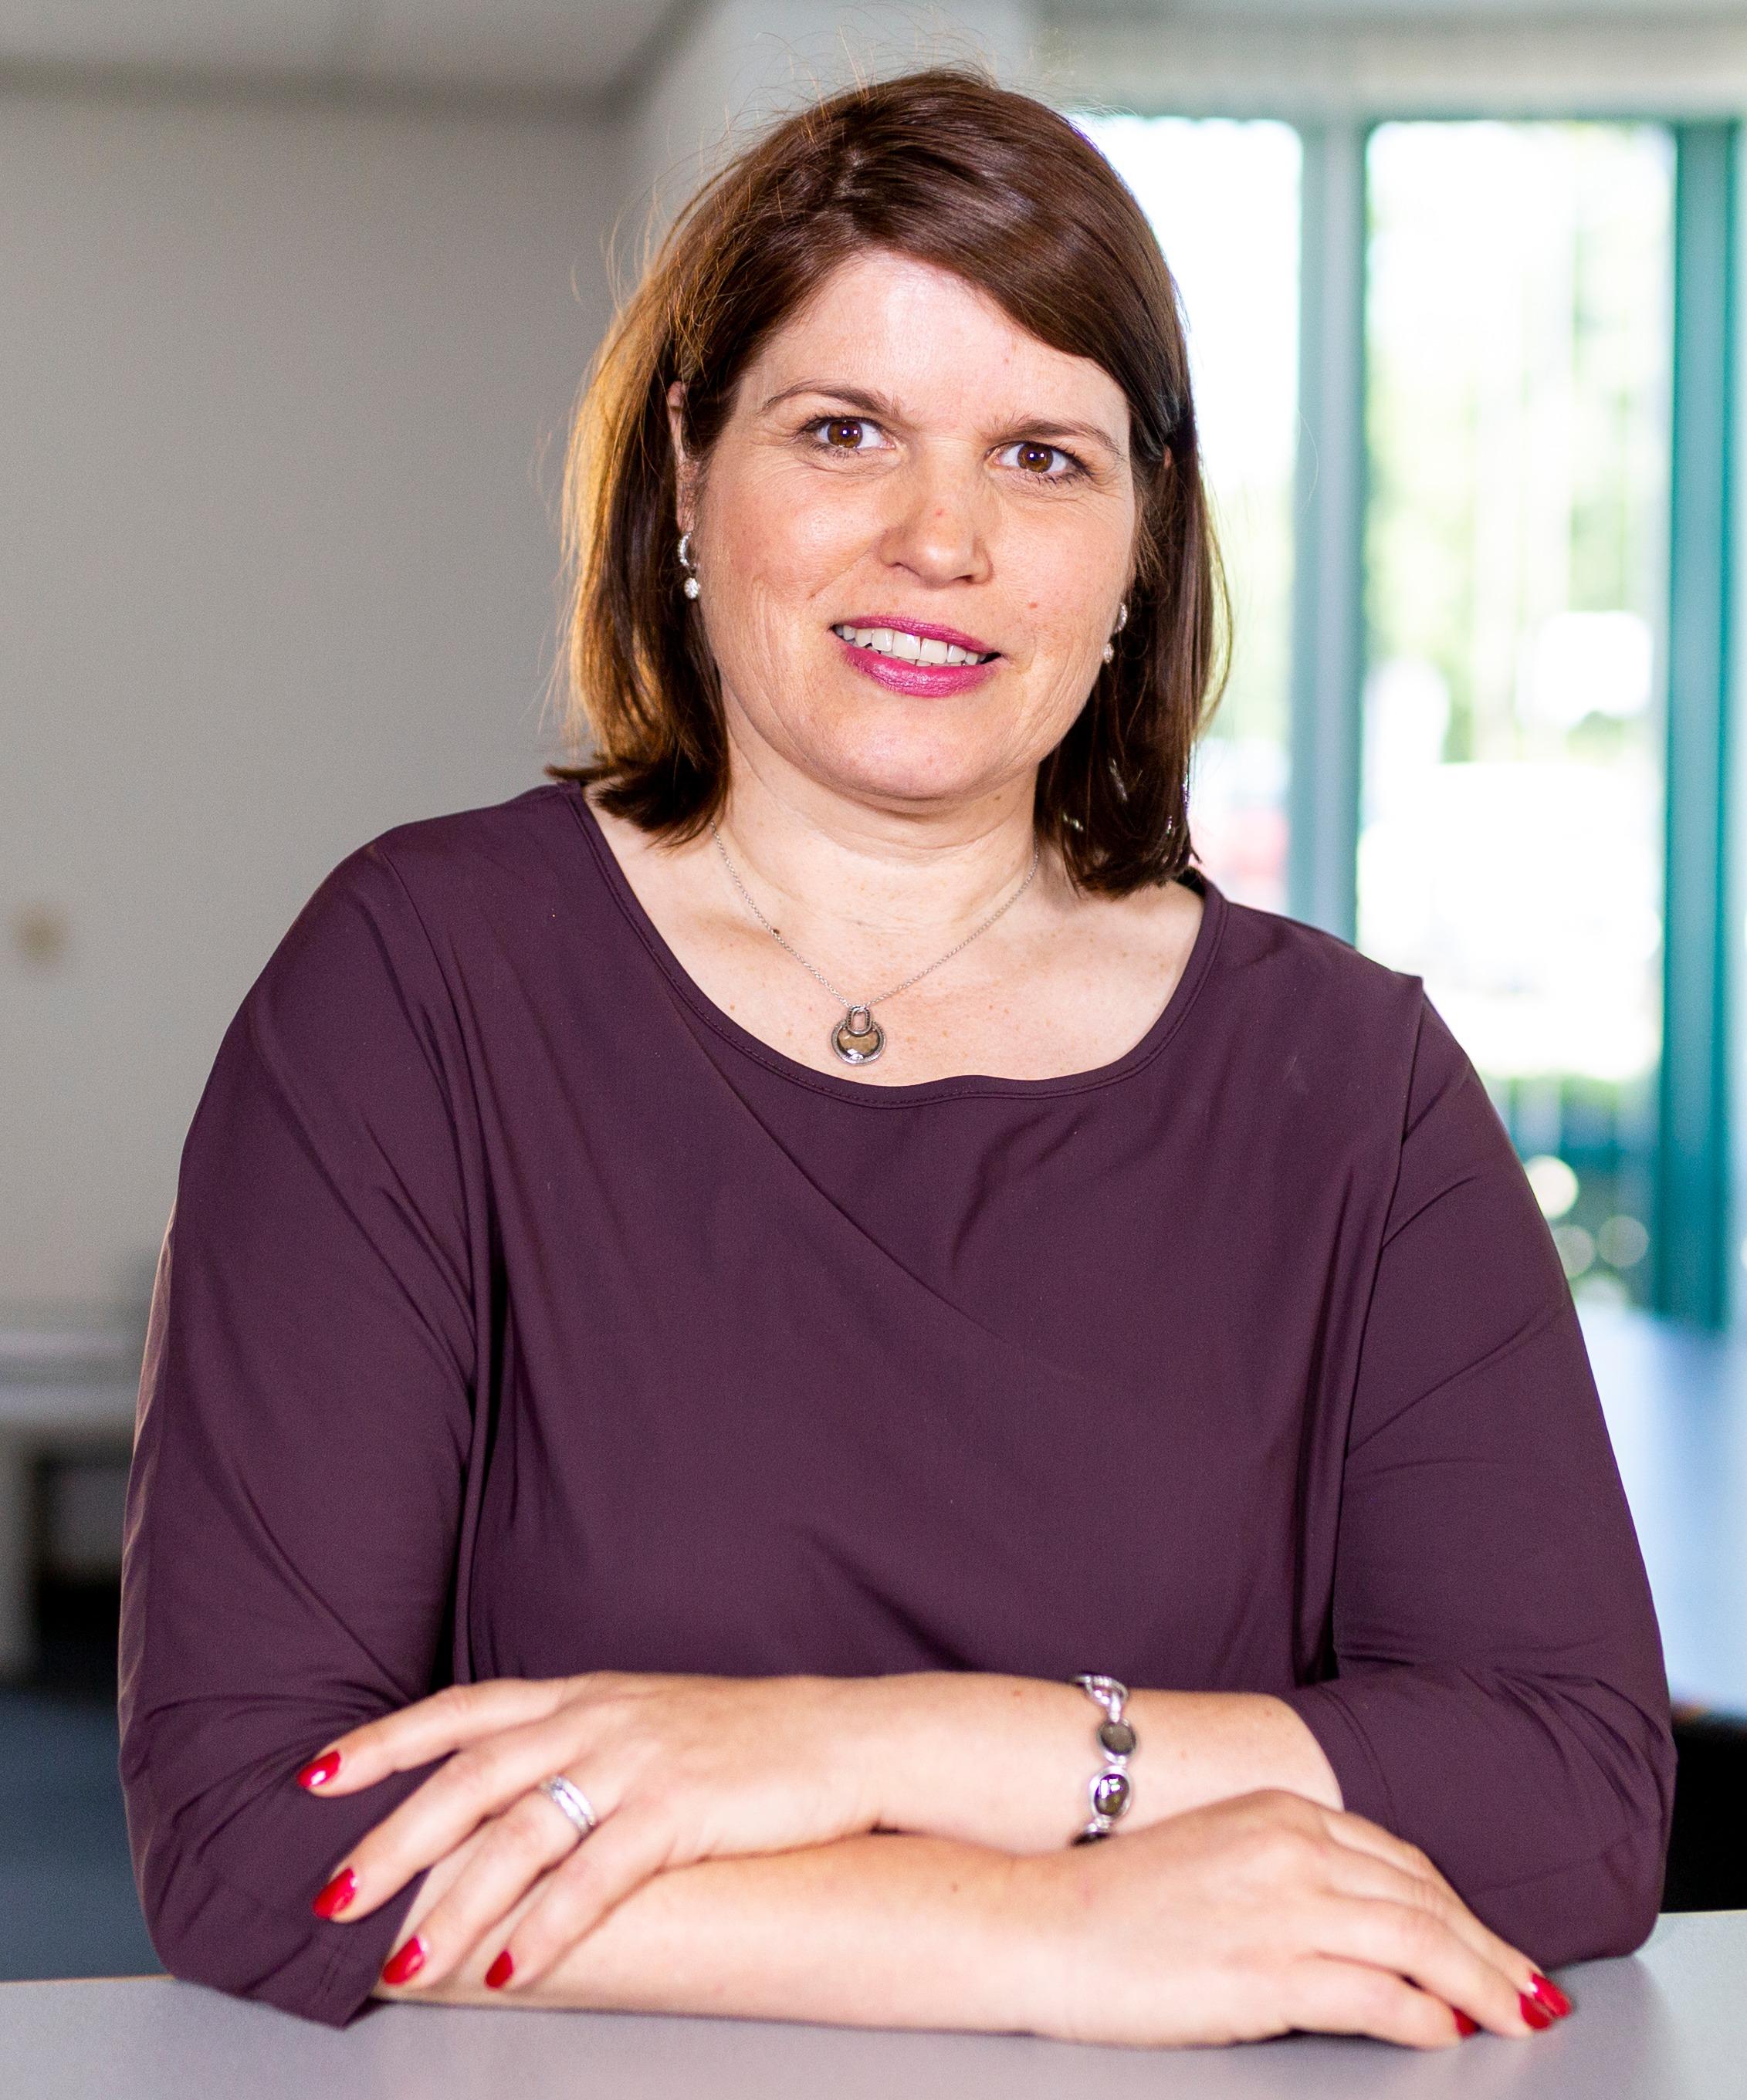 Annemarie Eemers